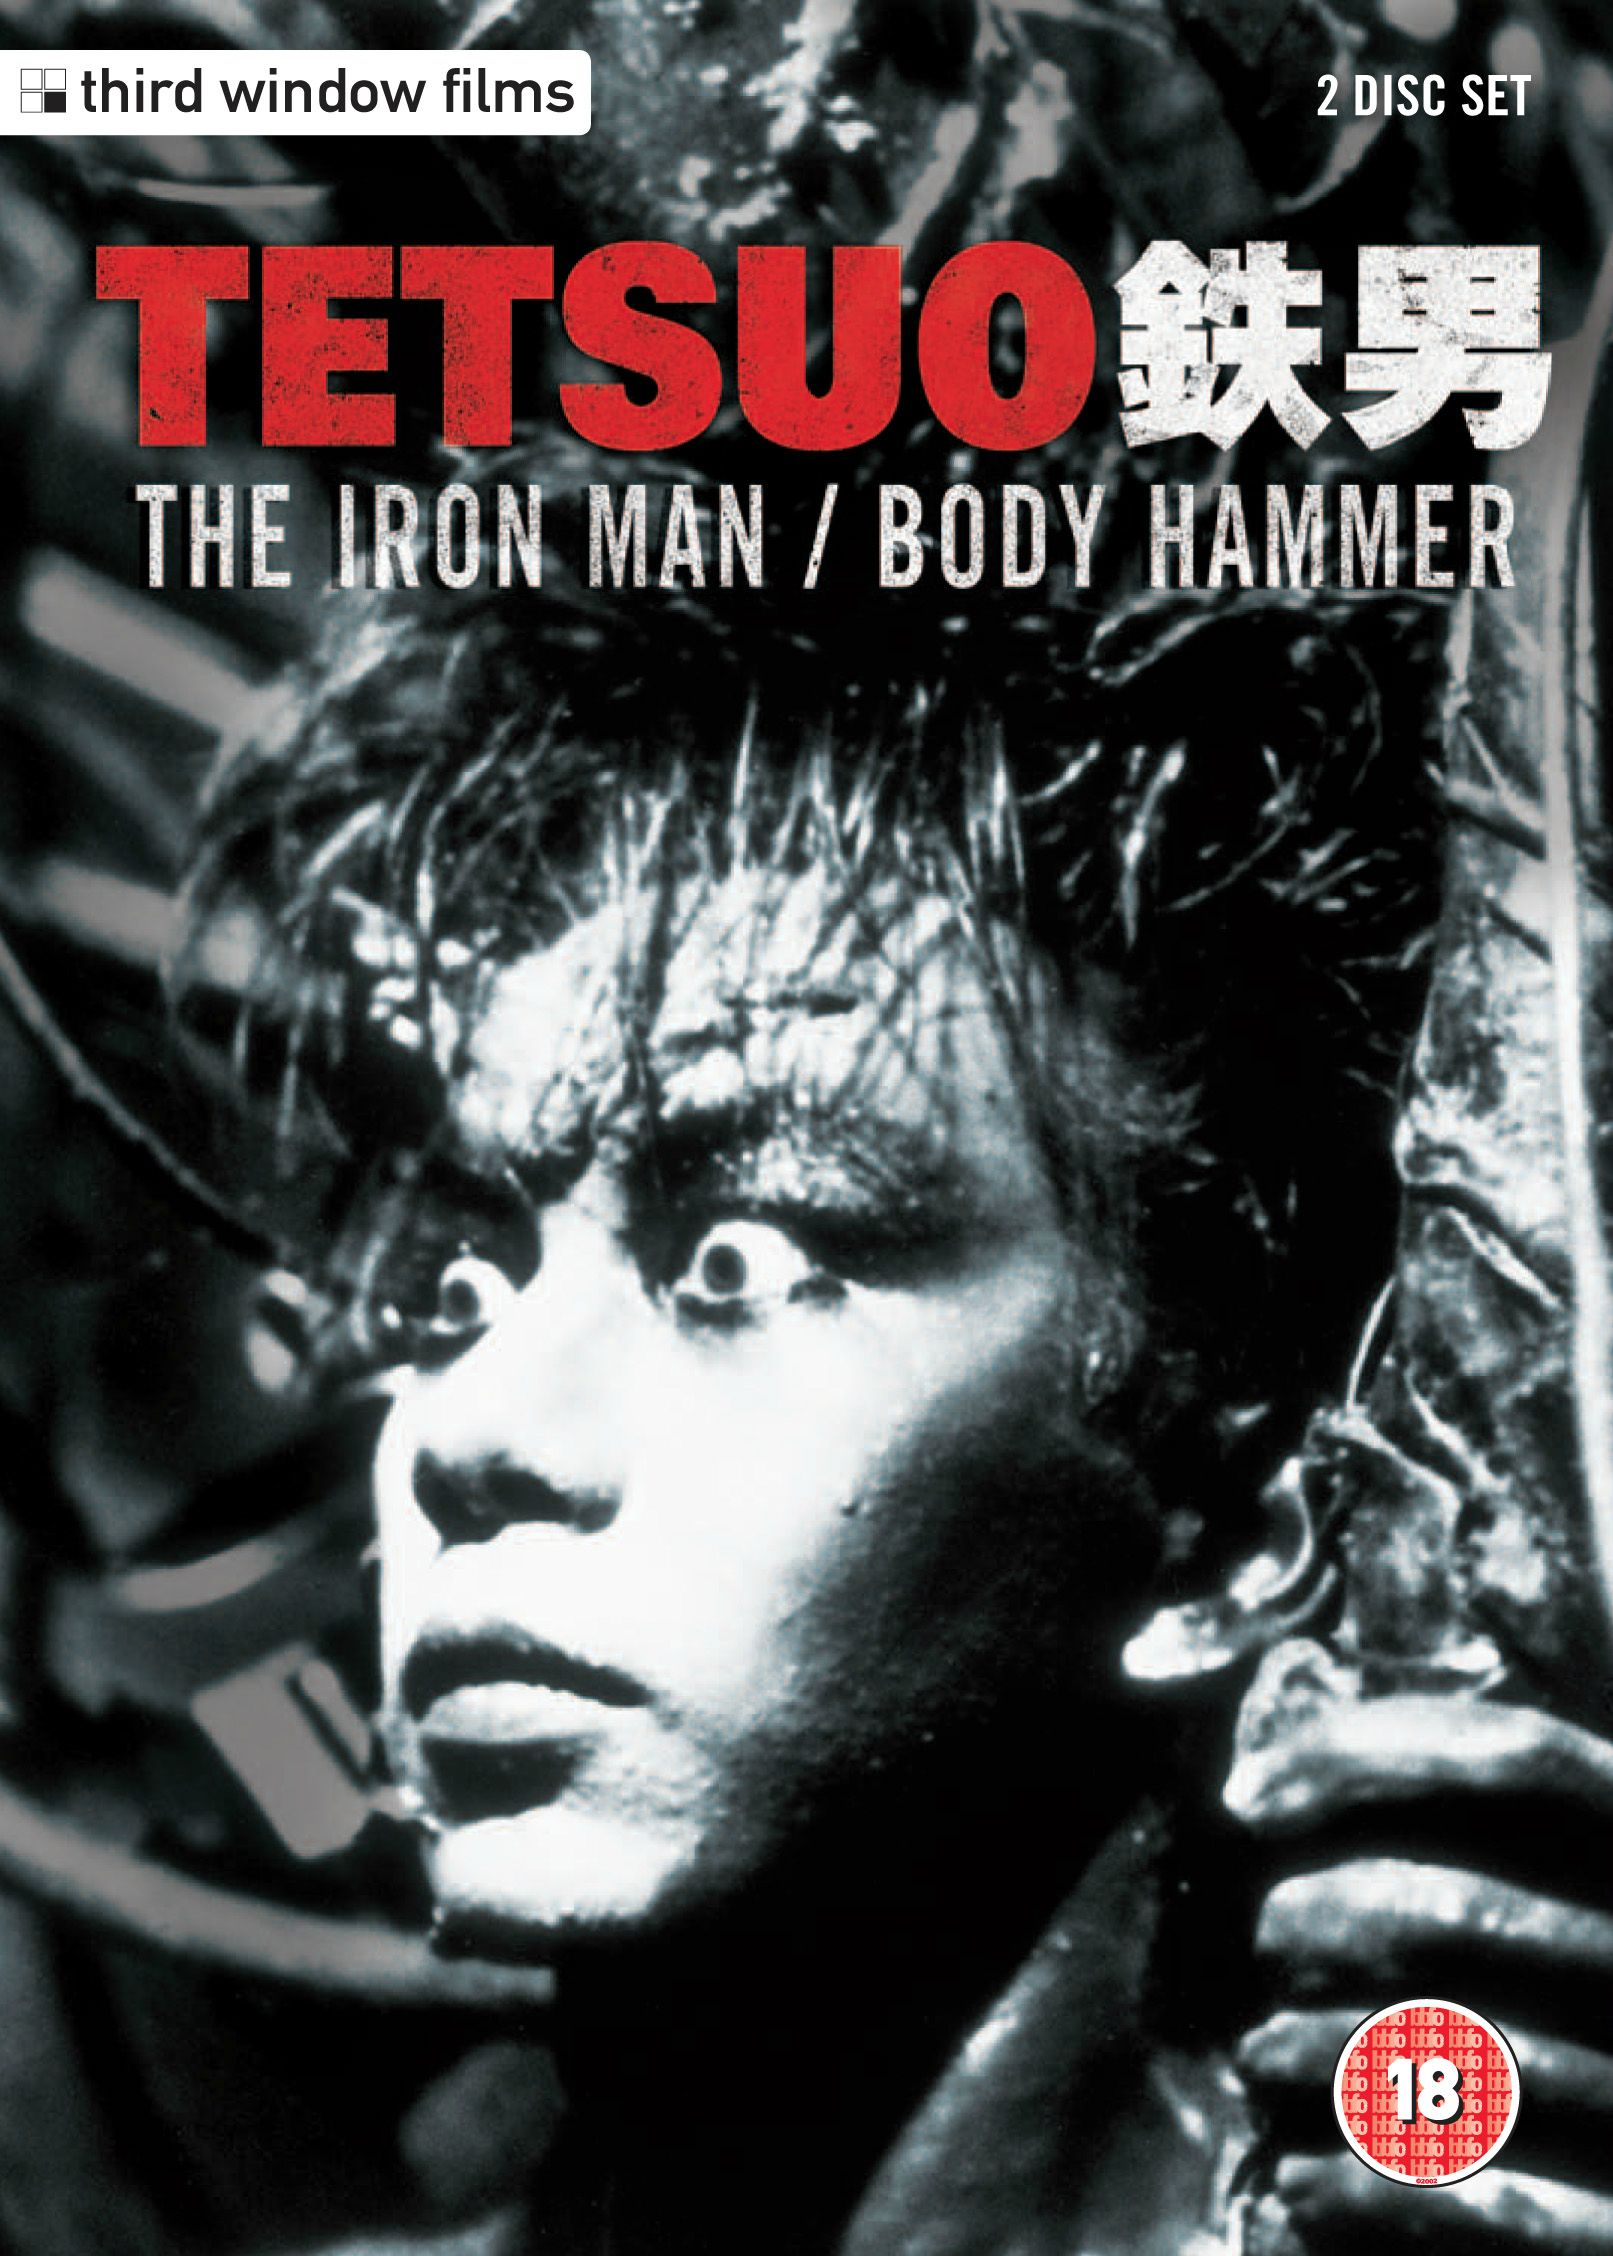 L'ultimo Film che avete visto? - Pagina 32 Tetsuo-dvdbluray-cover